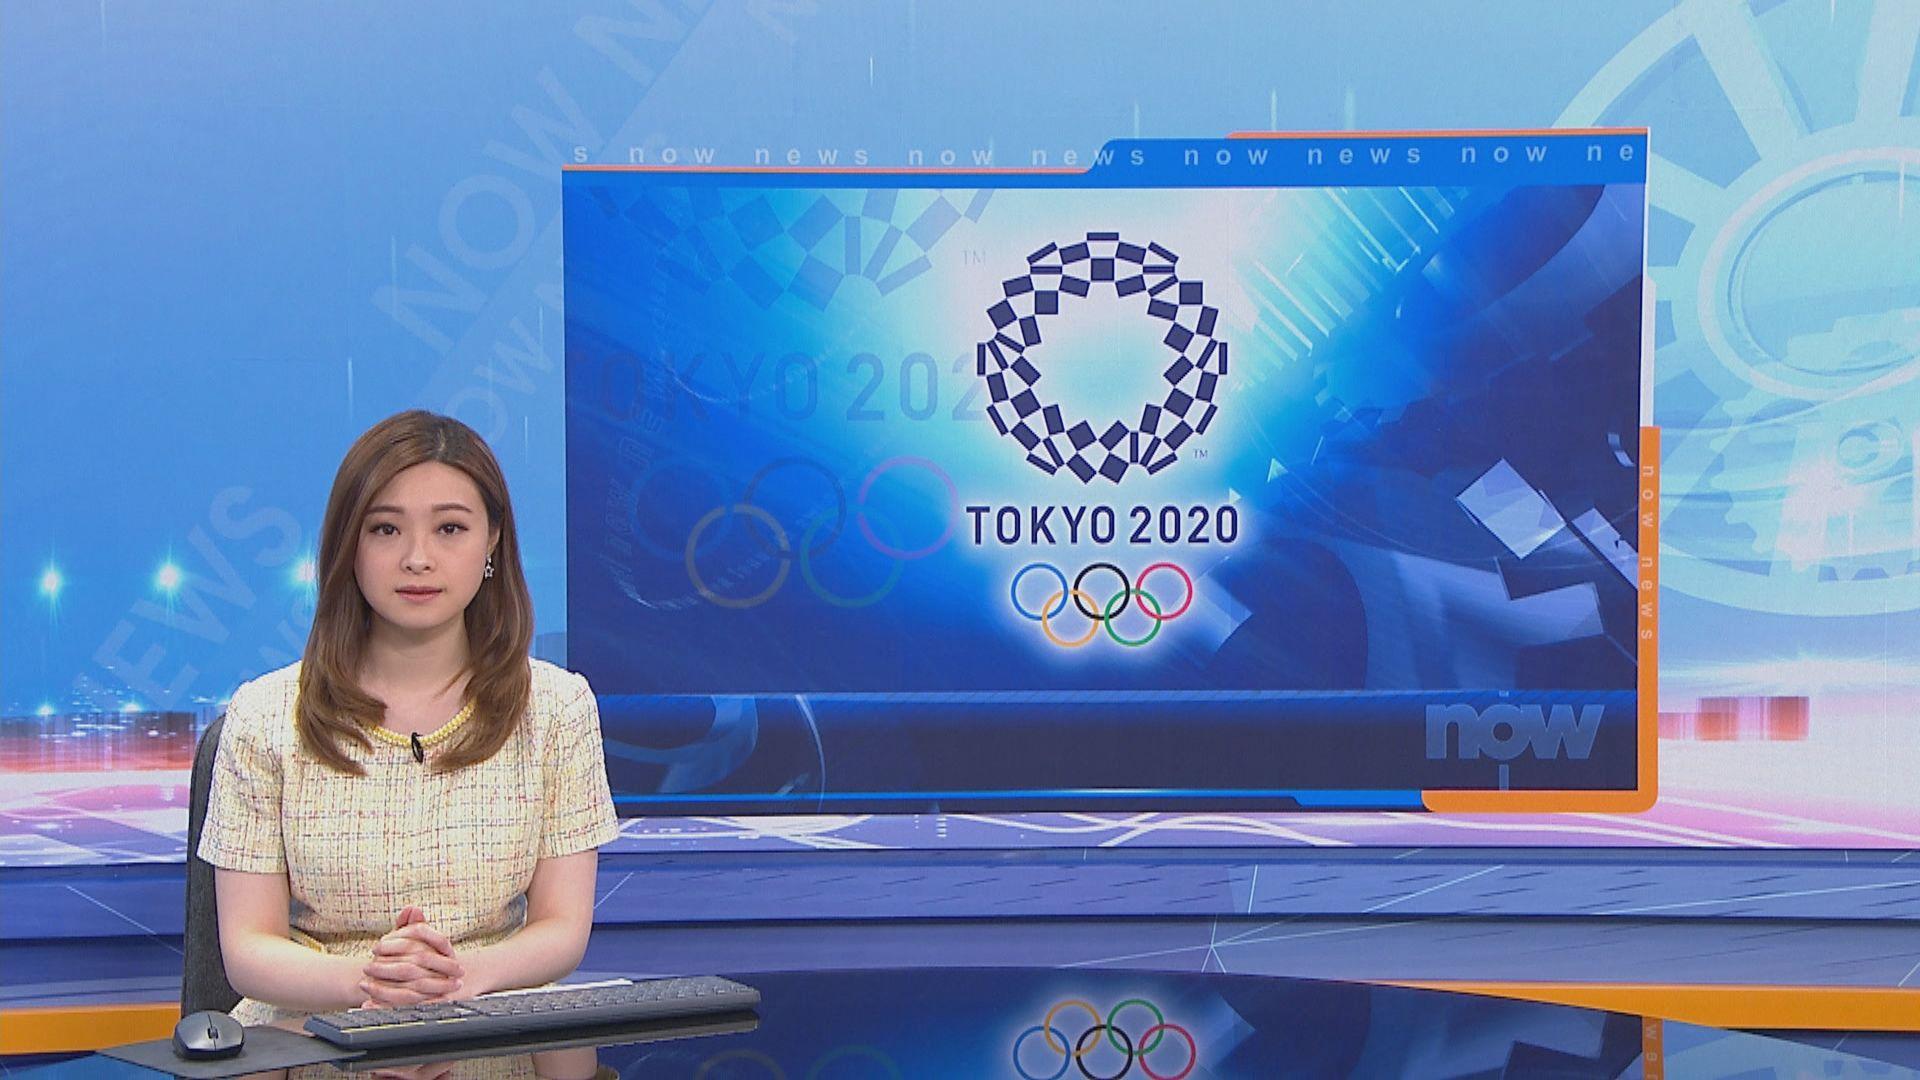 政府購入東京奧運轉播權供五間本地持牌電視台播放